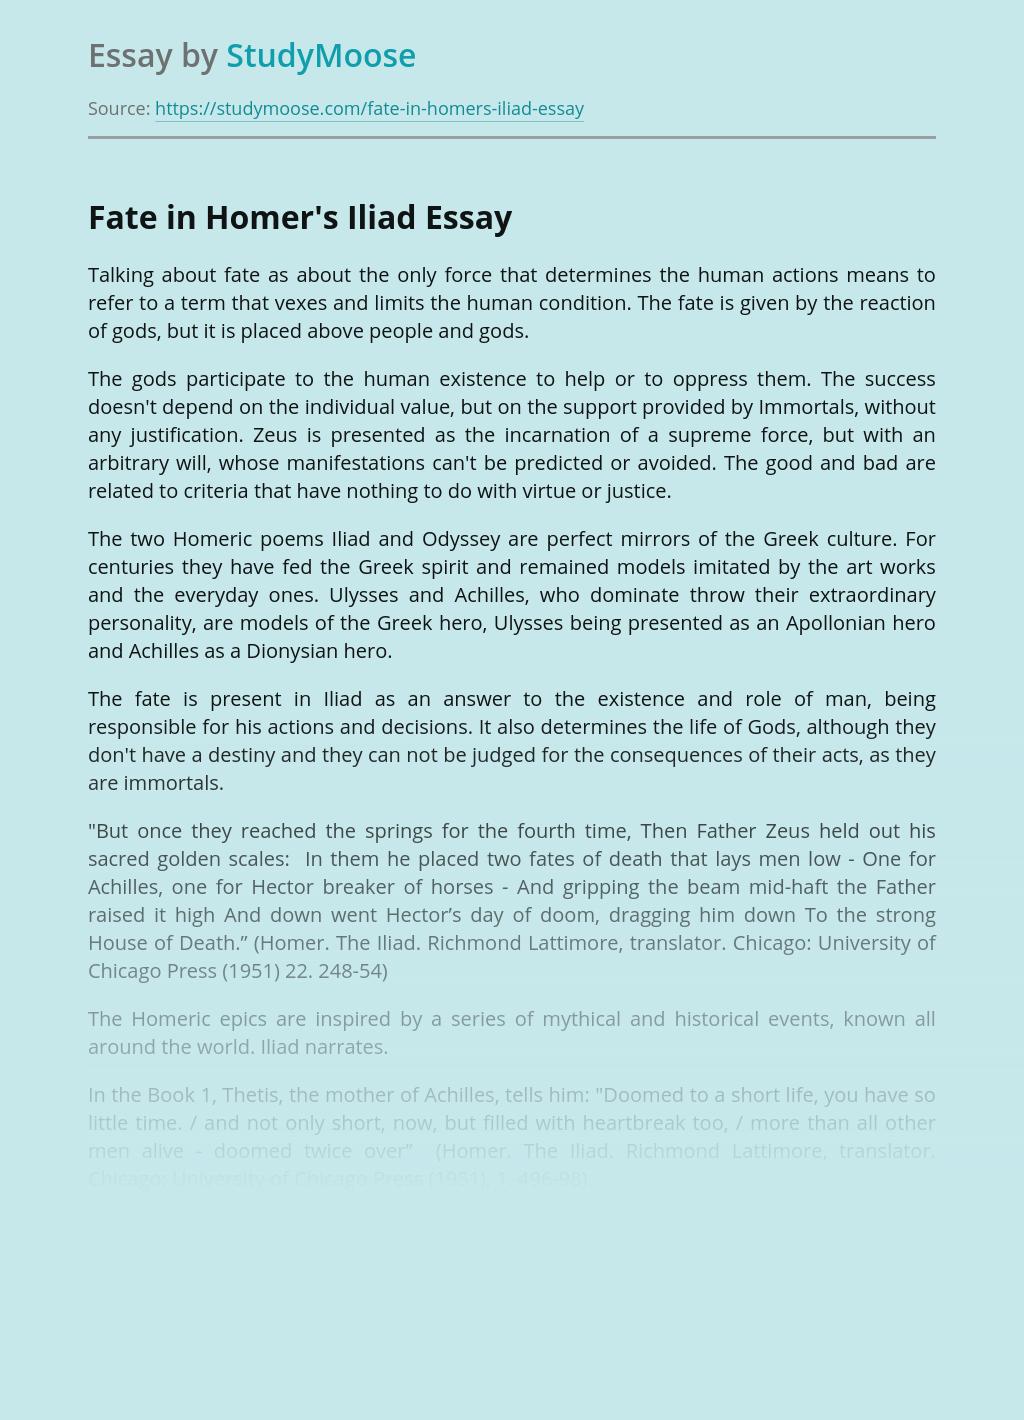 Fate in Homer's Iliad